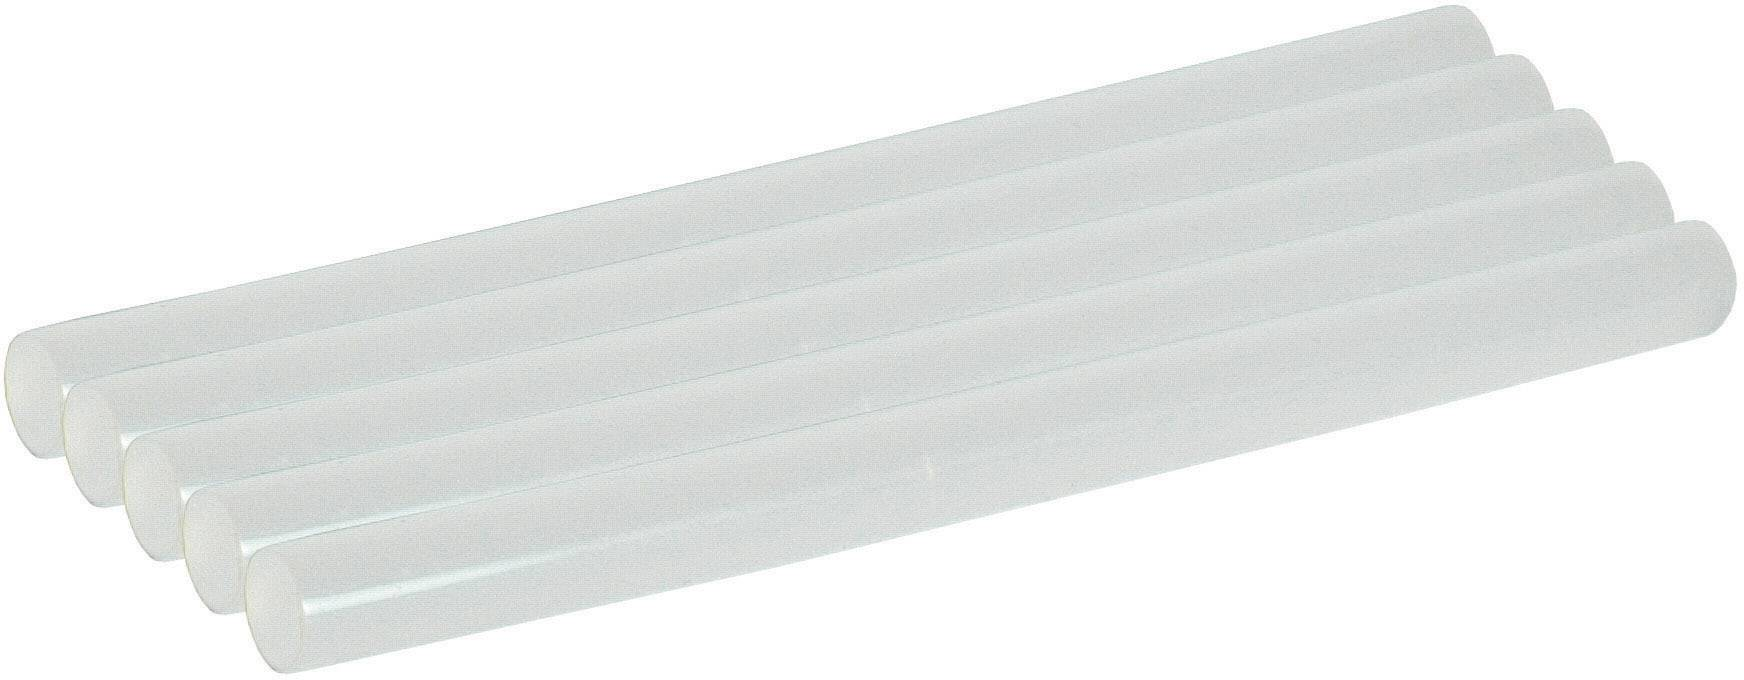 Lepicí tyčinky Ø Star Tec 7 mm 100 mm transparentní bílá ST 10642 5 ks, 22 g